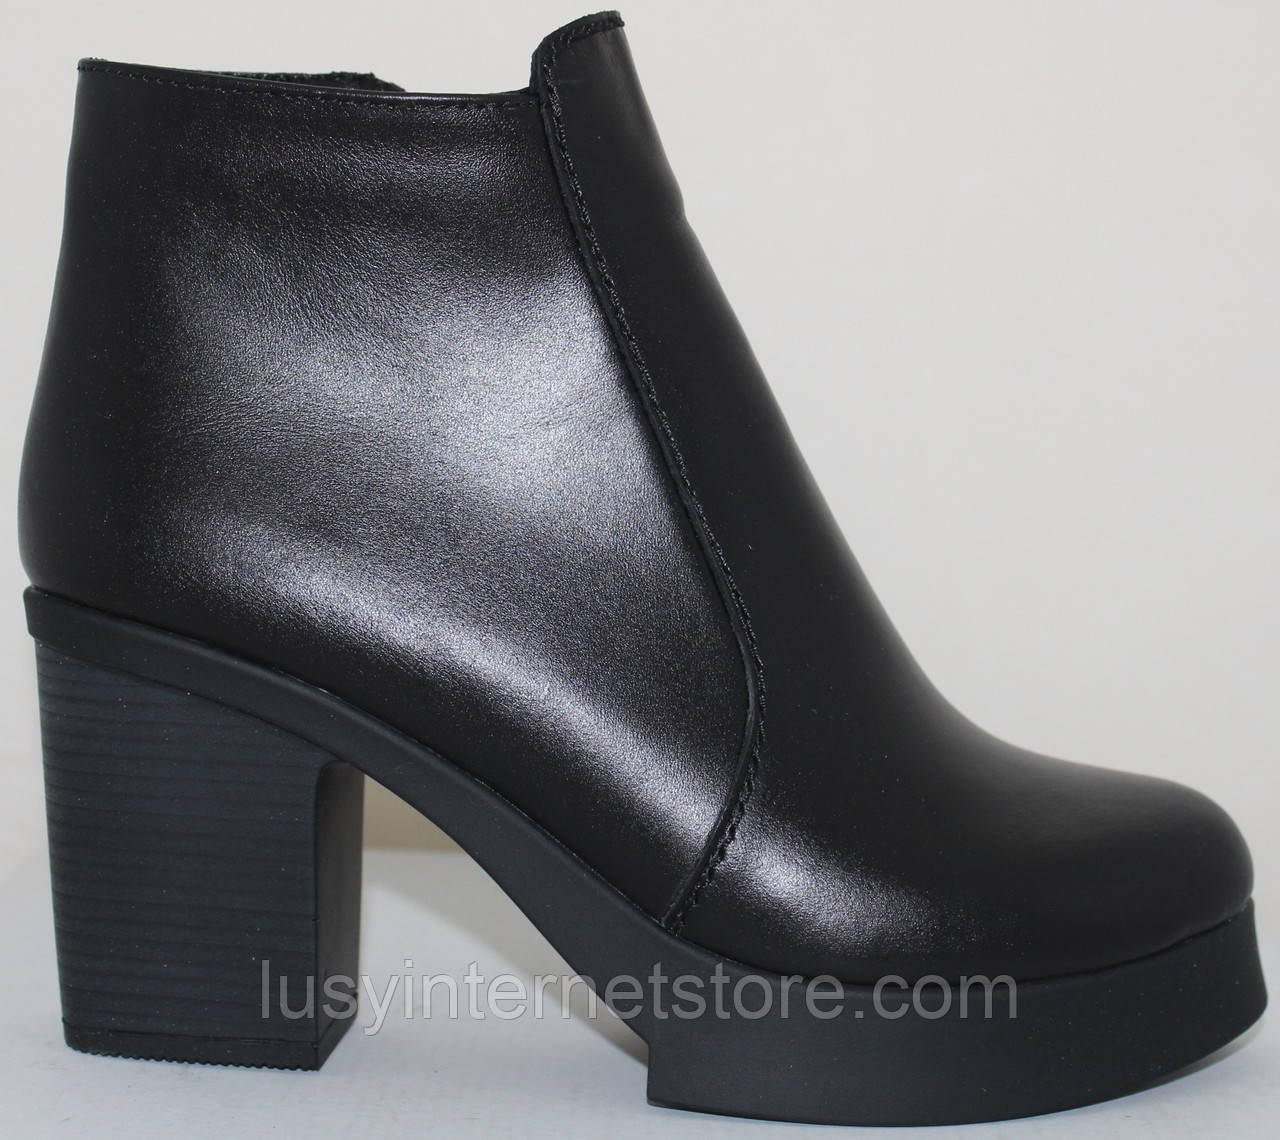 Стильные женские ботинки кожаные на каблуке от производителя модель СТБ16Д